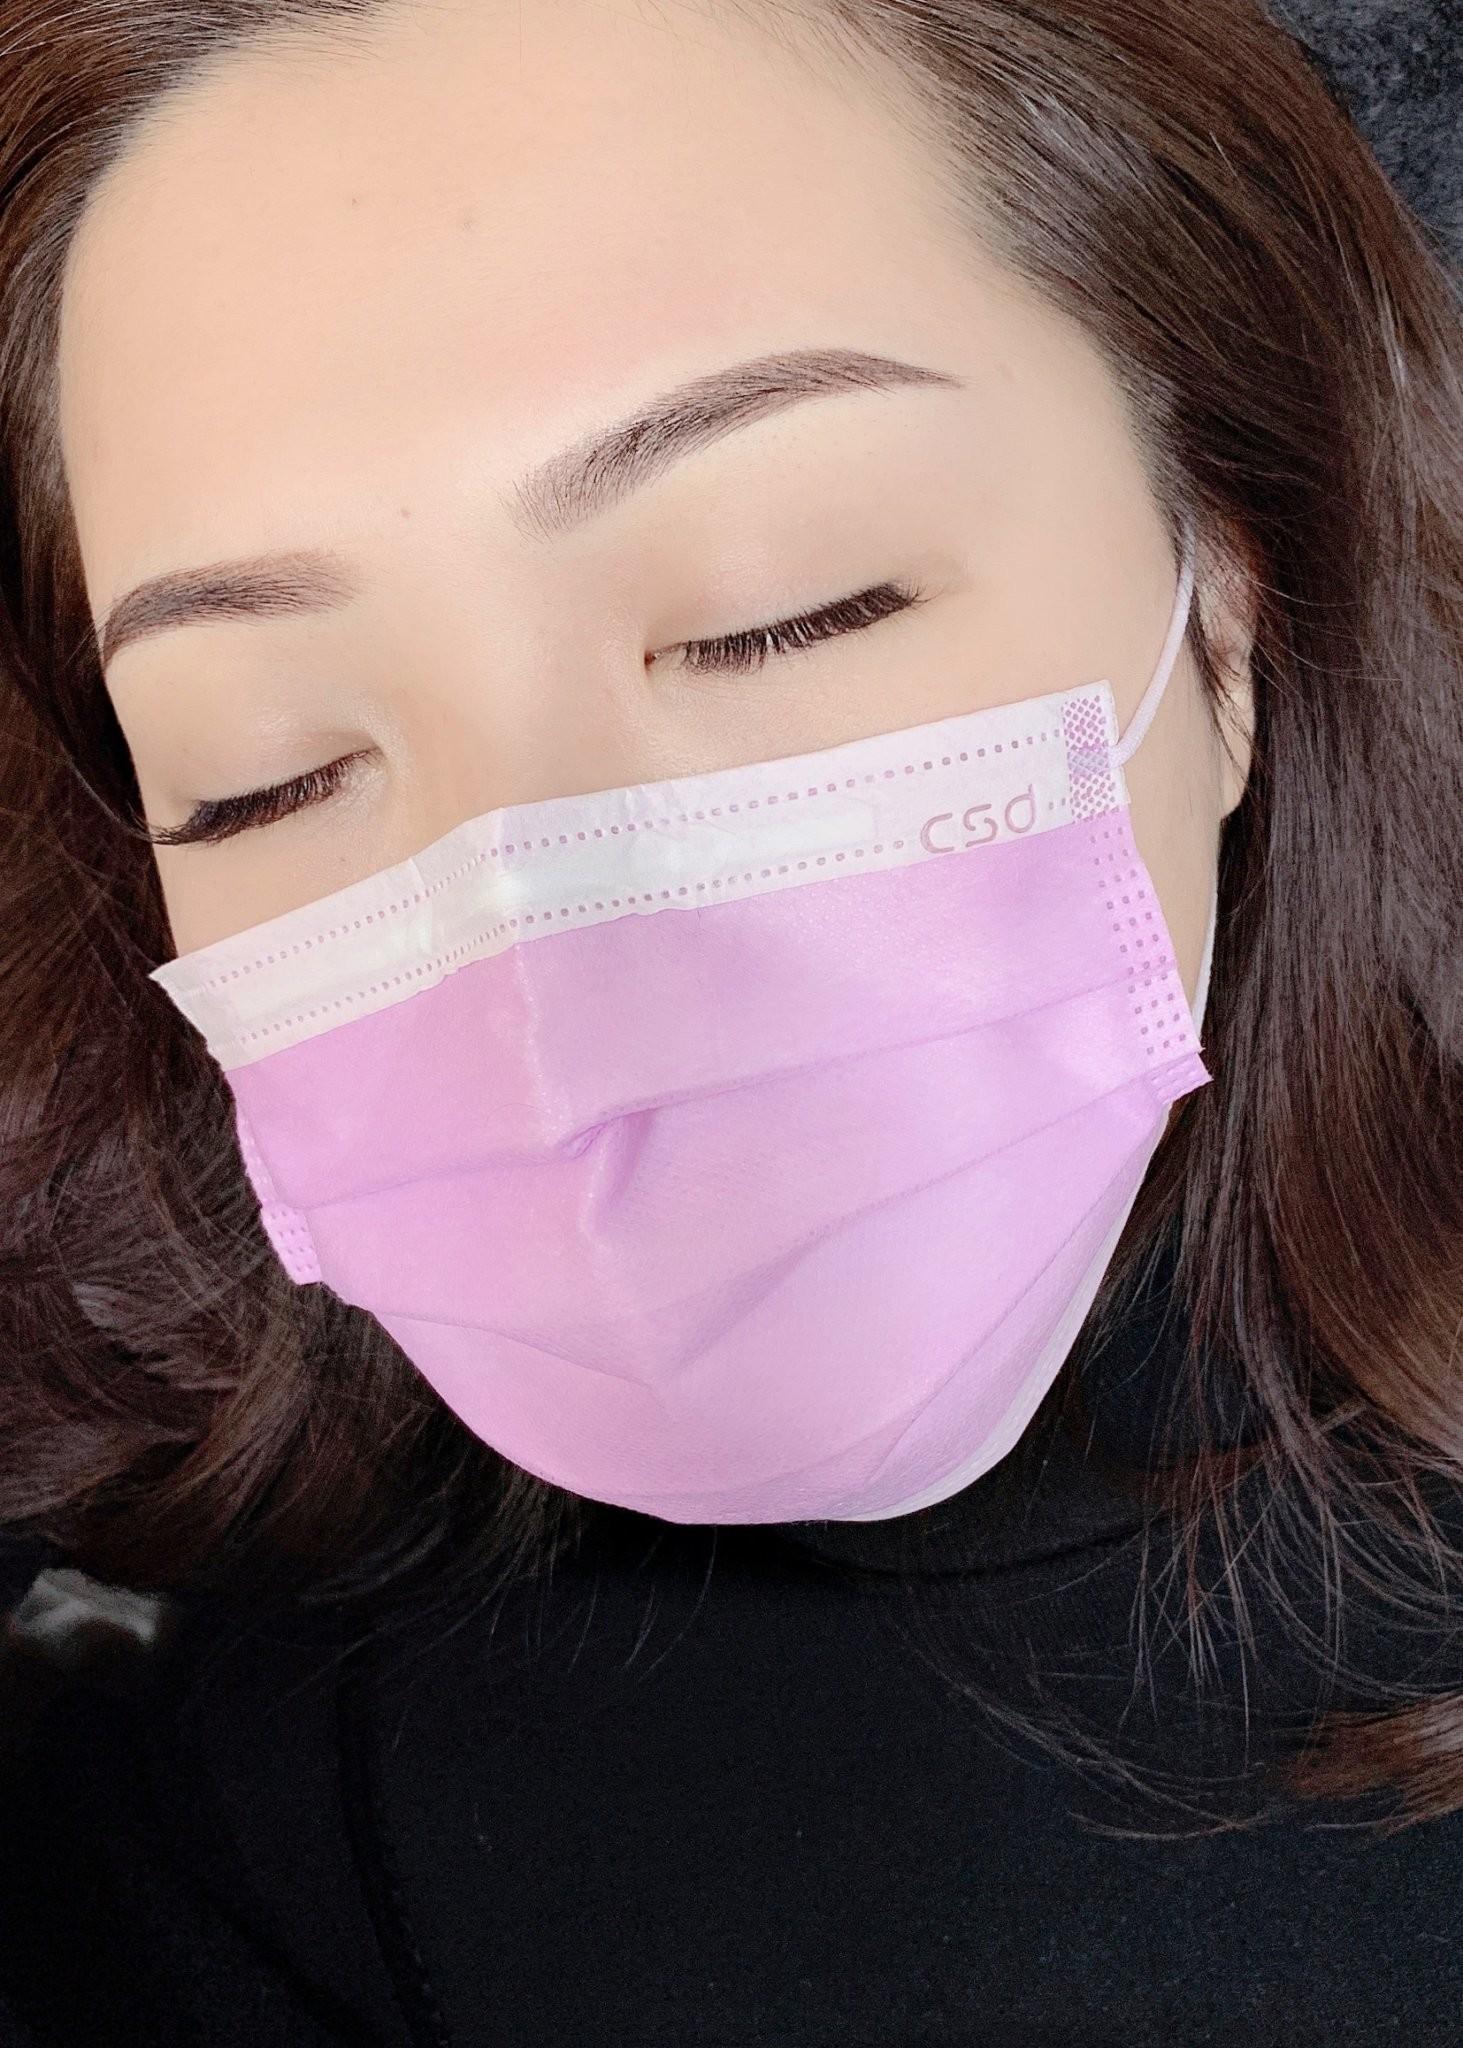 韓式粉霧眉紋繡完成當天成品照片-台北霧眉IA專業美睫設計